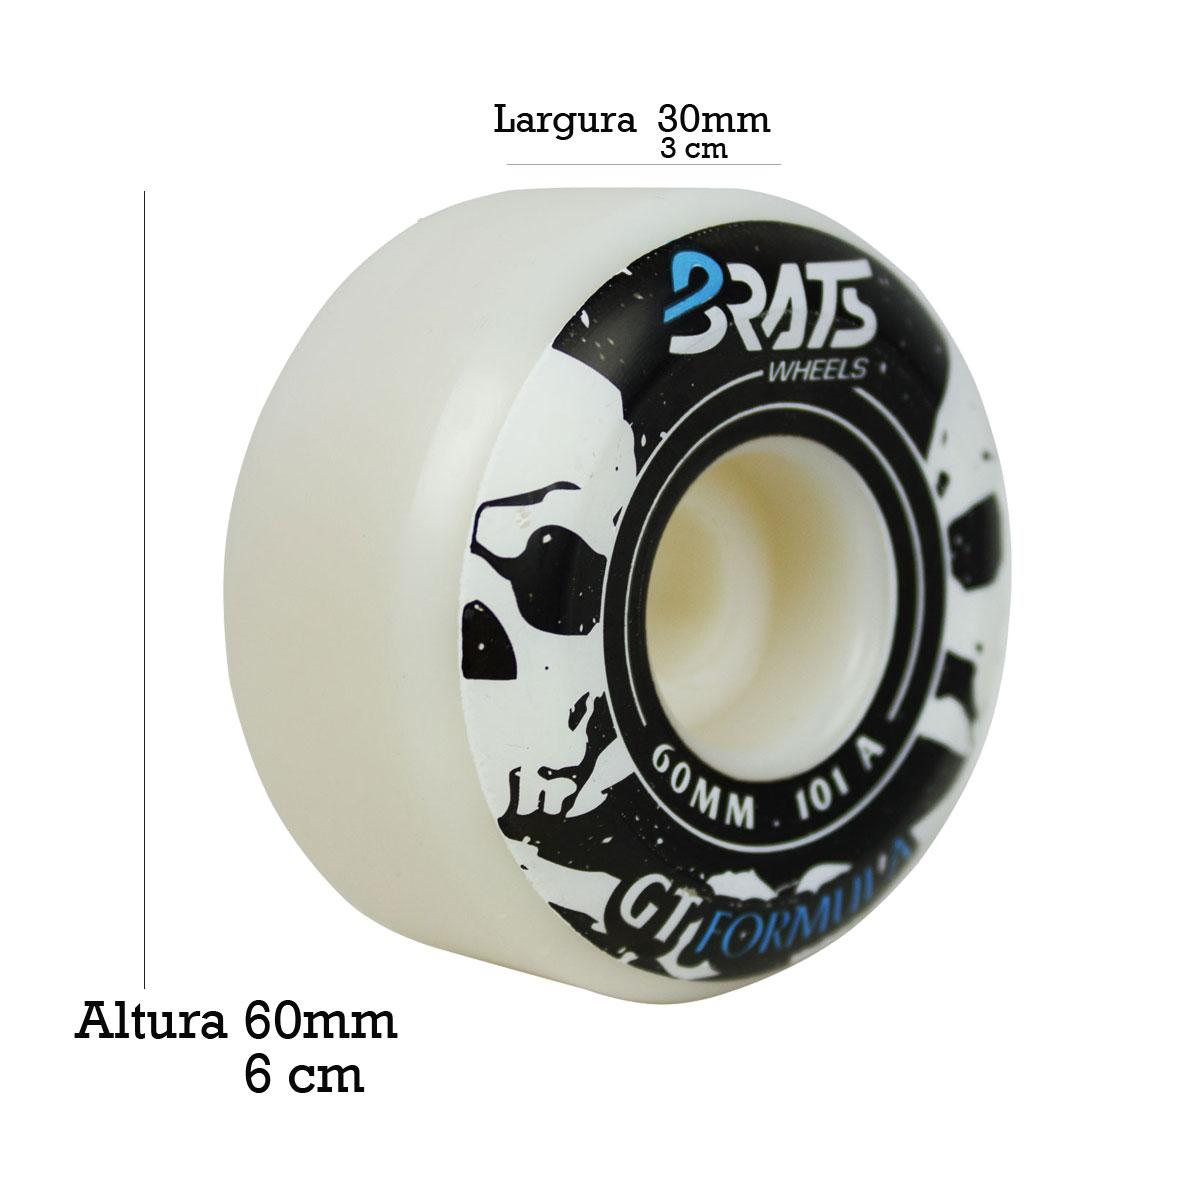 Roda Skate Brats Pro 101A 60mm com Rolamento BS Reds